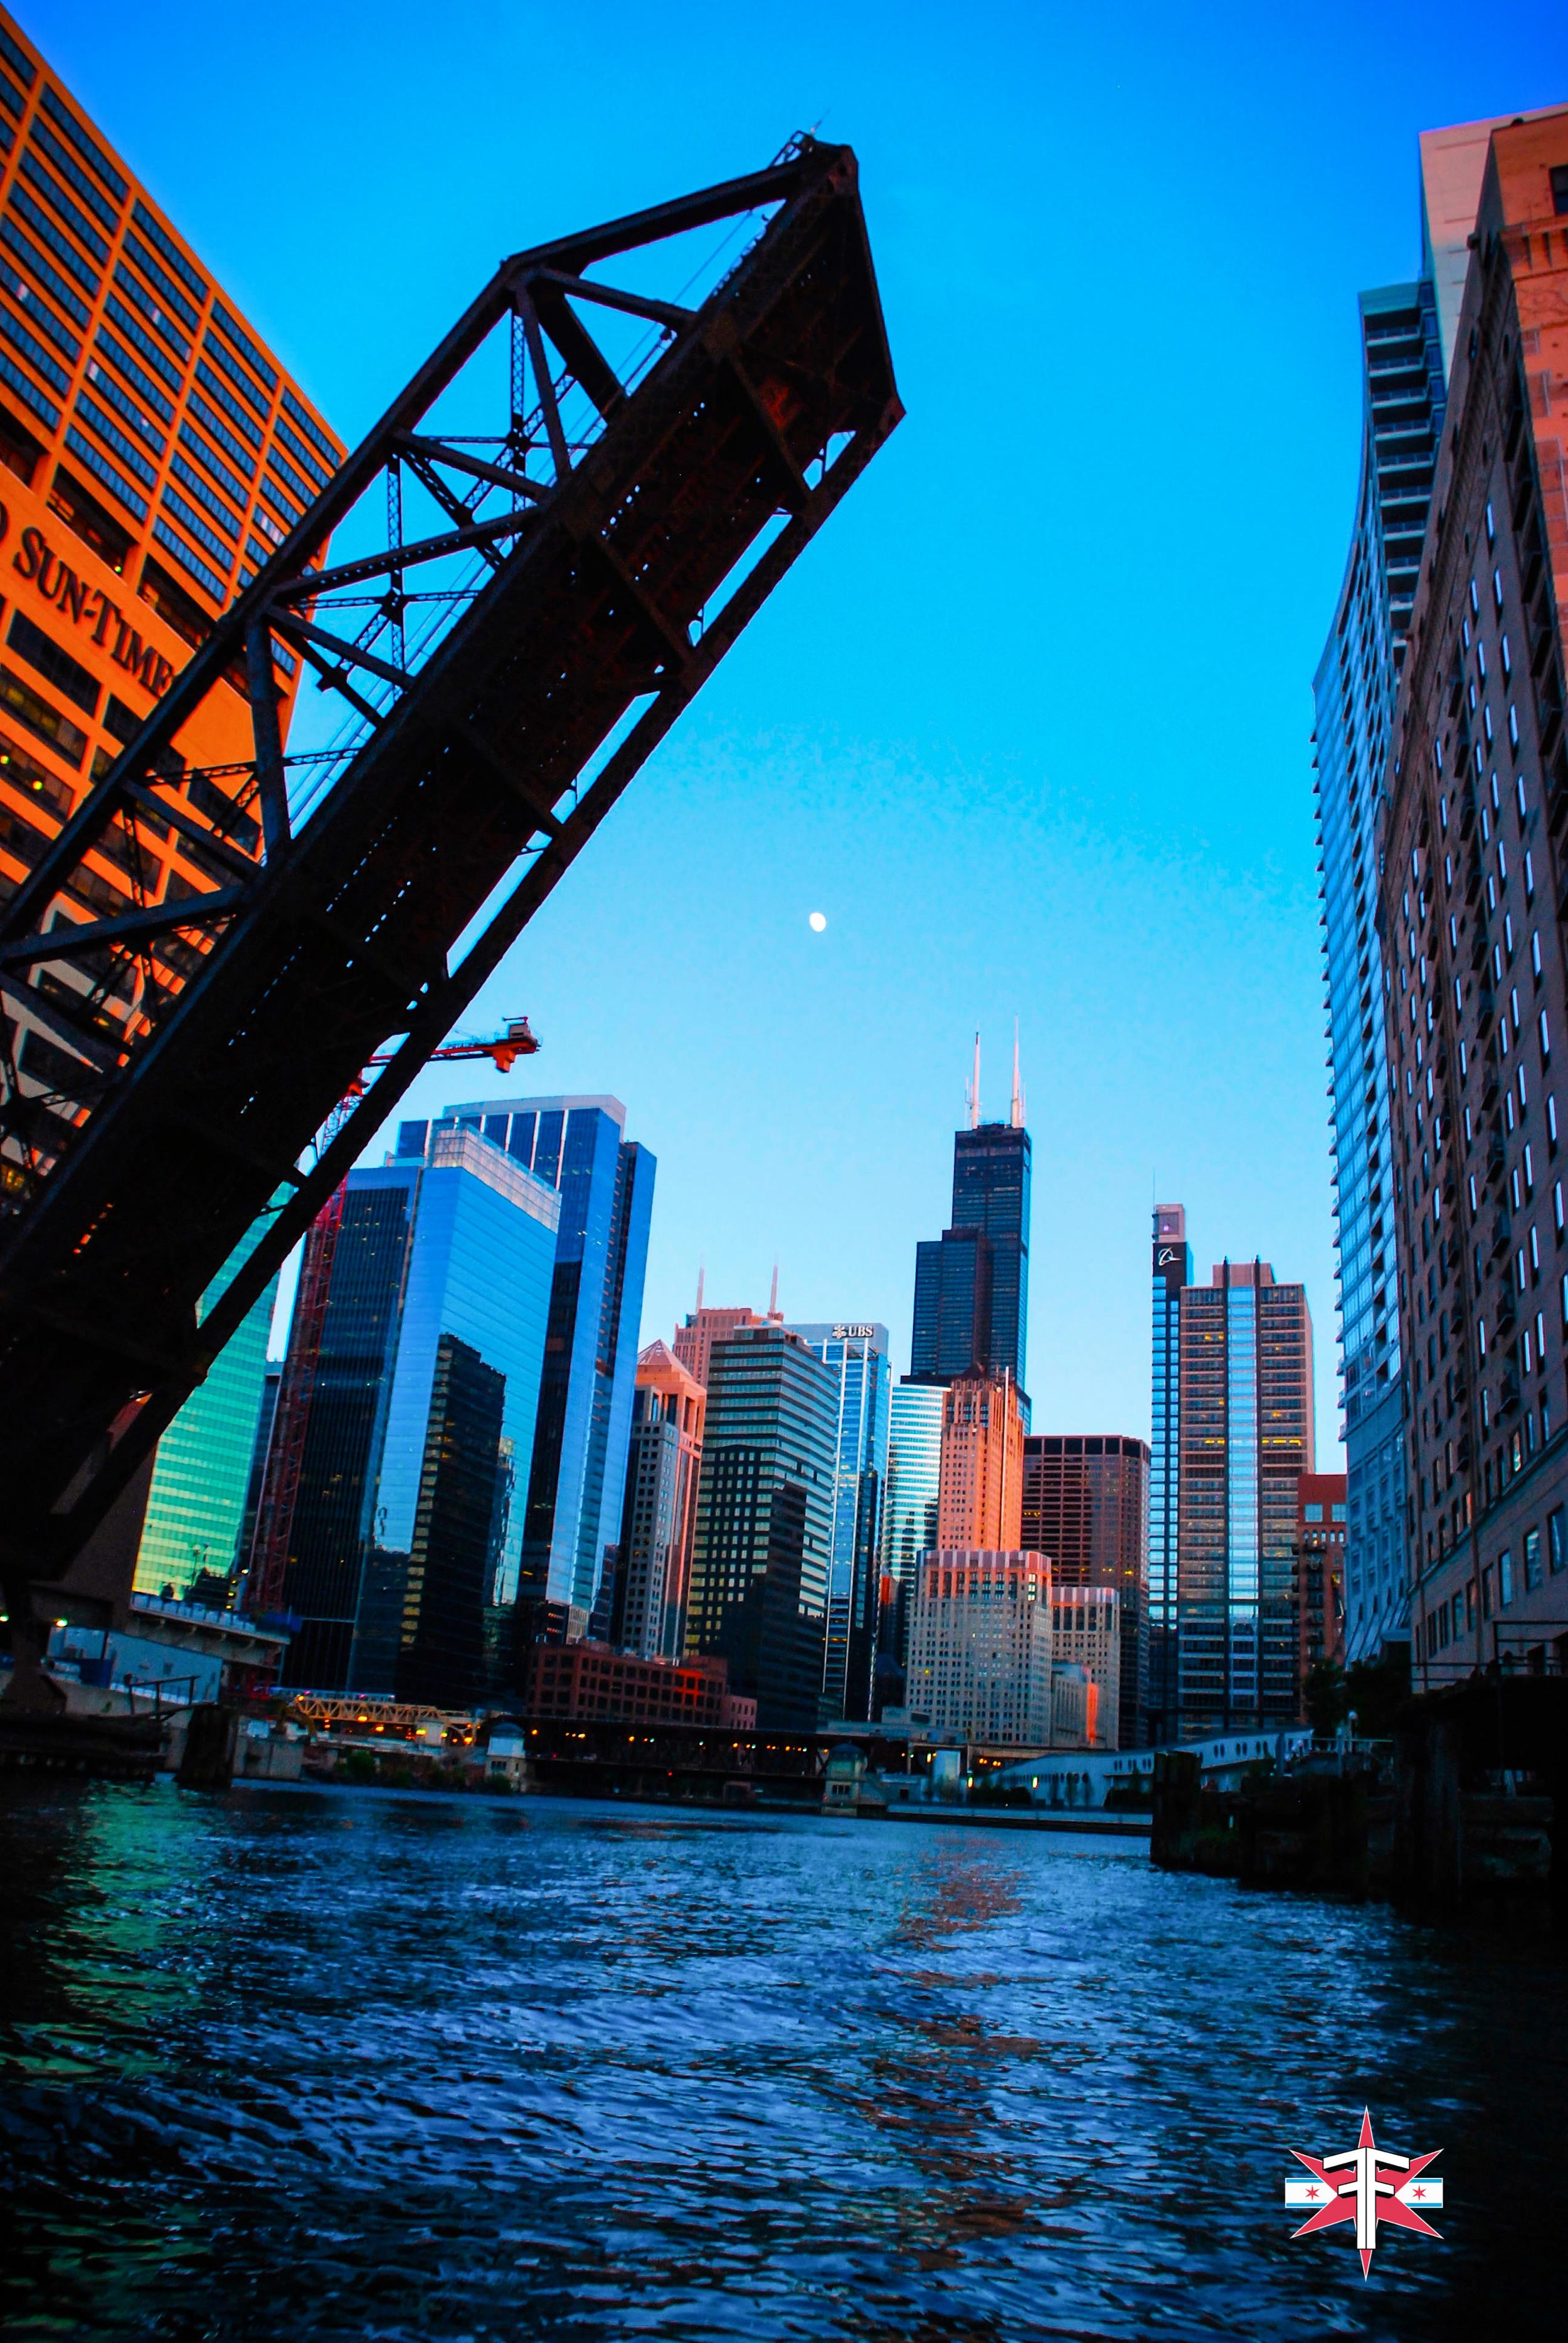 chicago art architecture eric formato photography design arquitectura architettura buildings skyscraper skyscrapers-269.jpg